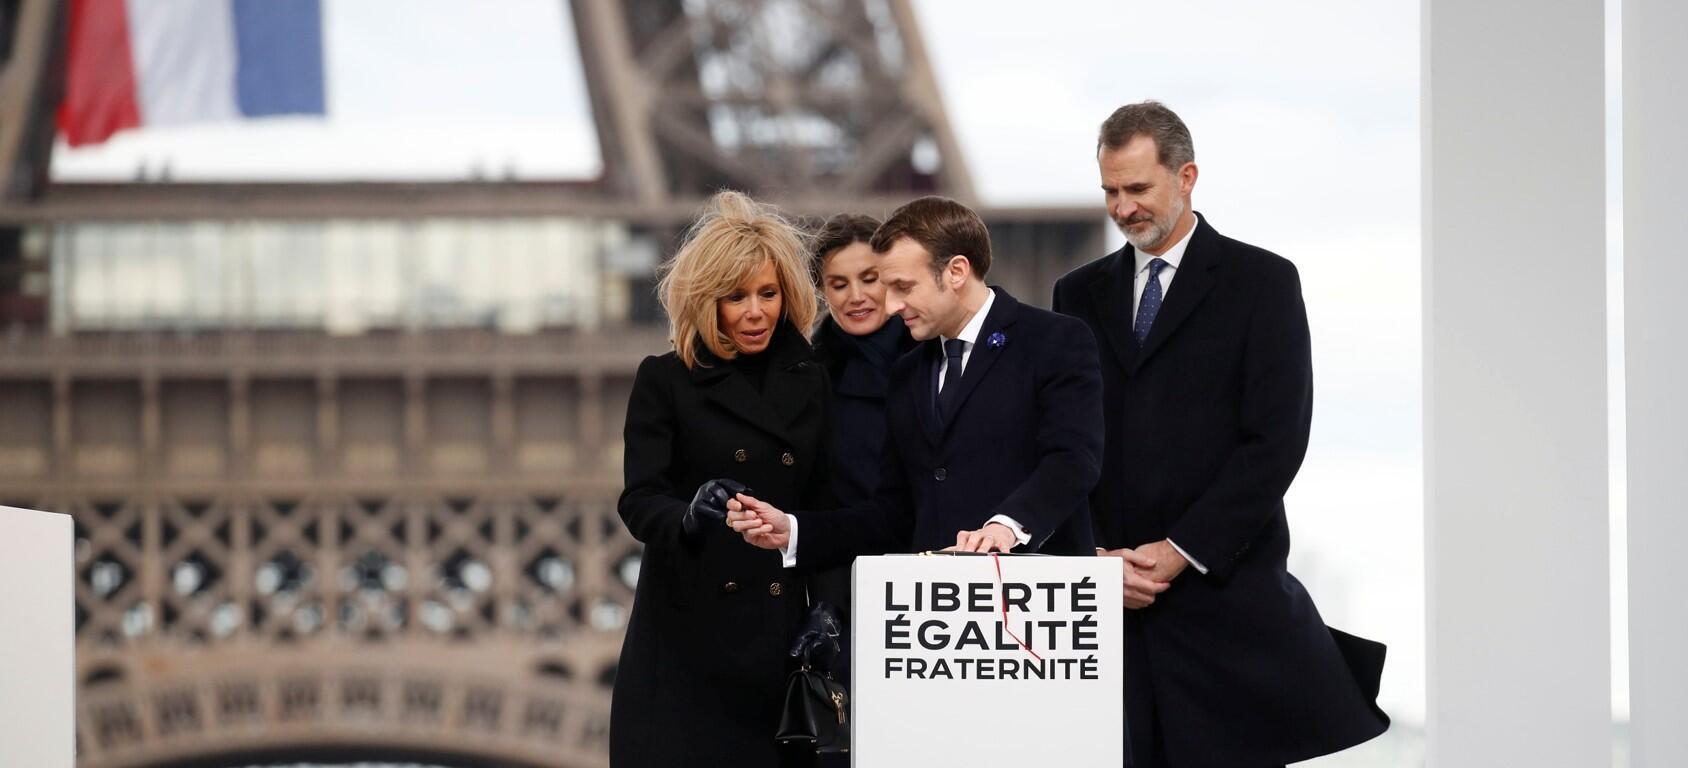 Da direita para a esquerda, o rei da Espanha, Felipe VI, o presidente francês, Emmanuel Macron, a rainha Letizia e a primeira-dama francesa, Brigitte Macron, durante a cerimônia diante da Torre Eiffel.